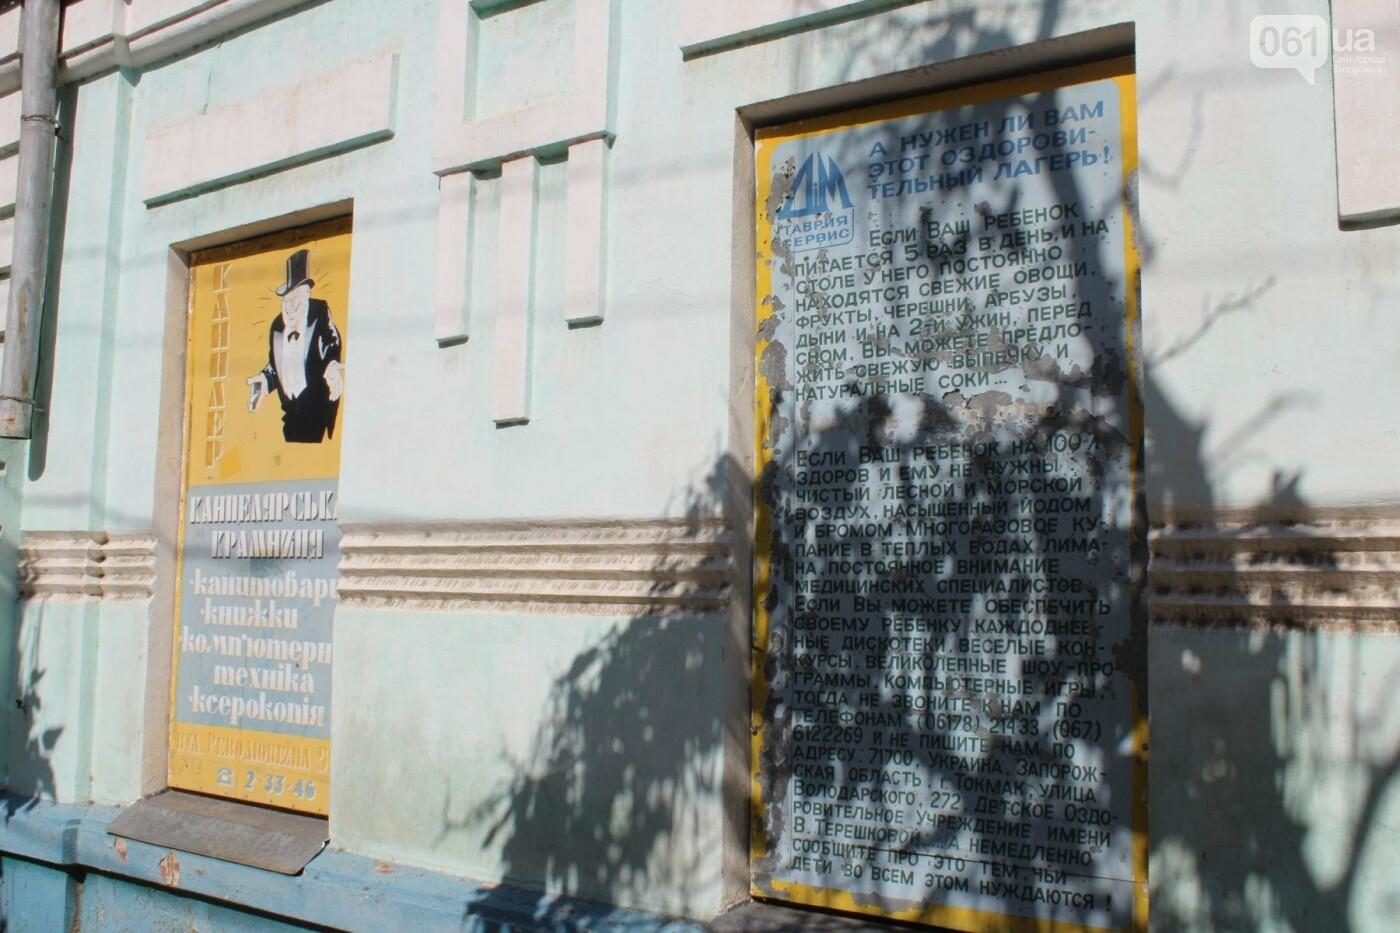 Как там в Токмаке: репортаж из официально депрессивного города, фото-51